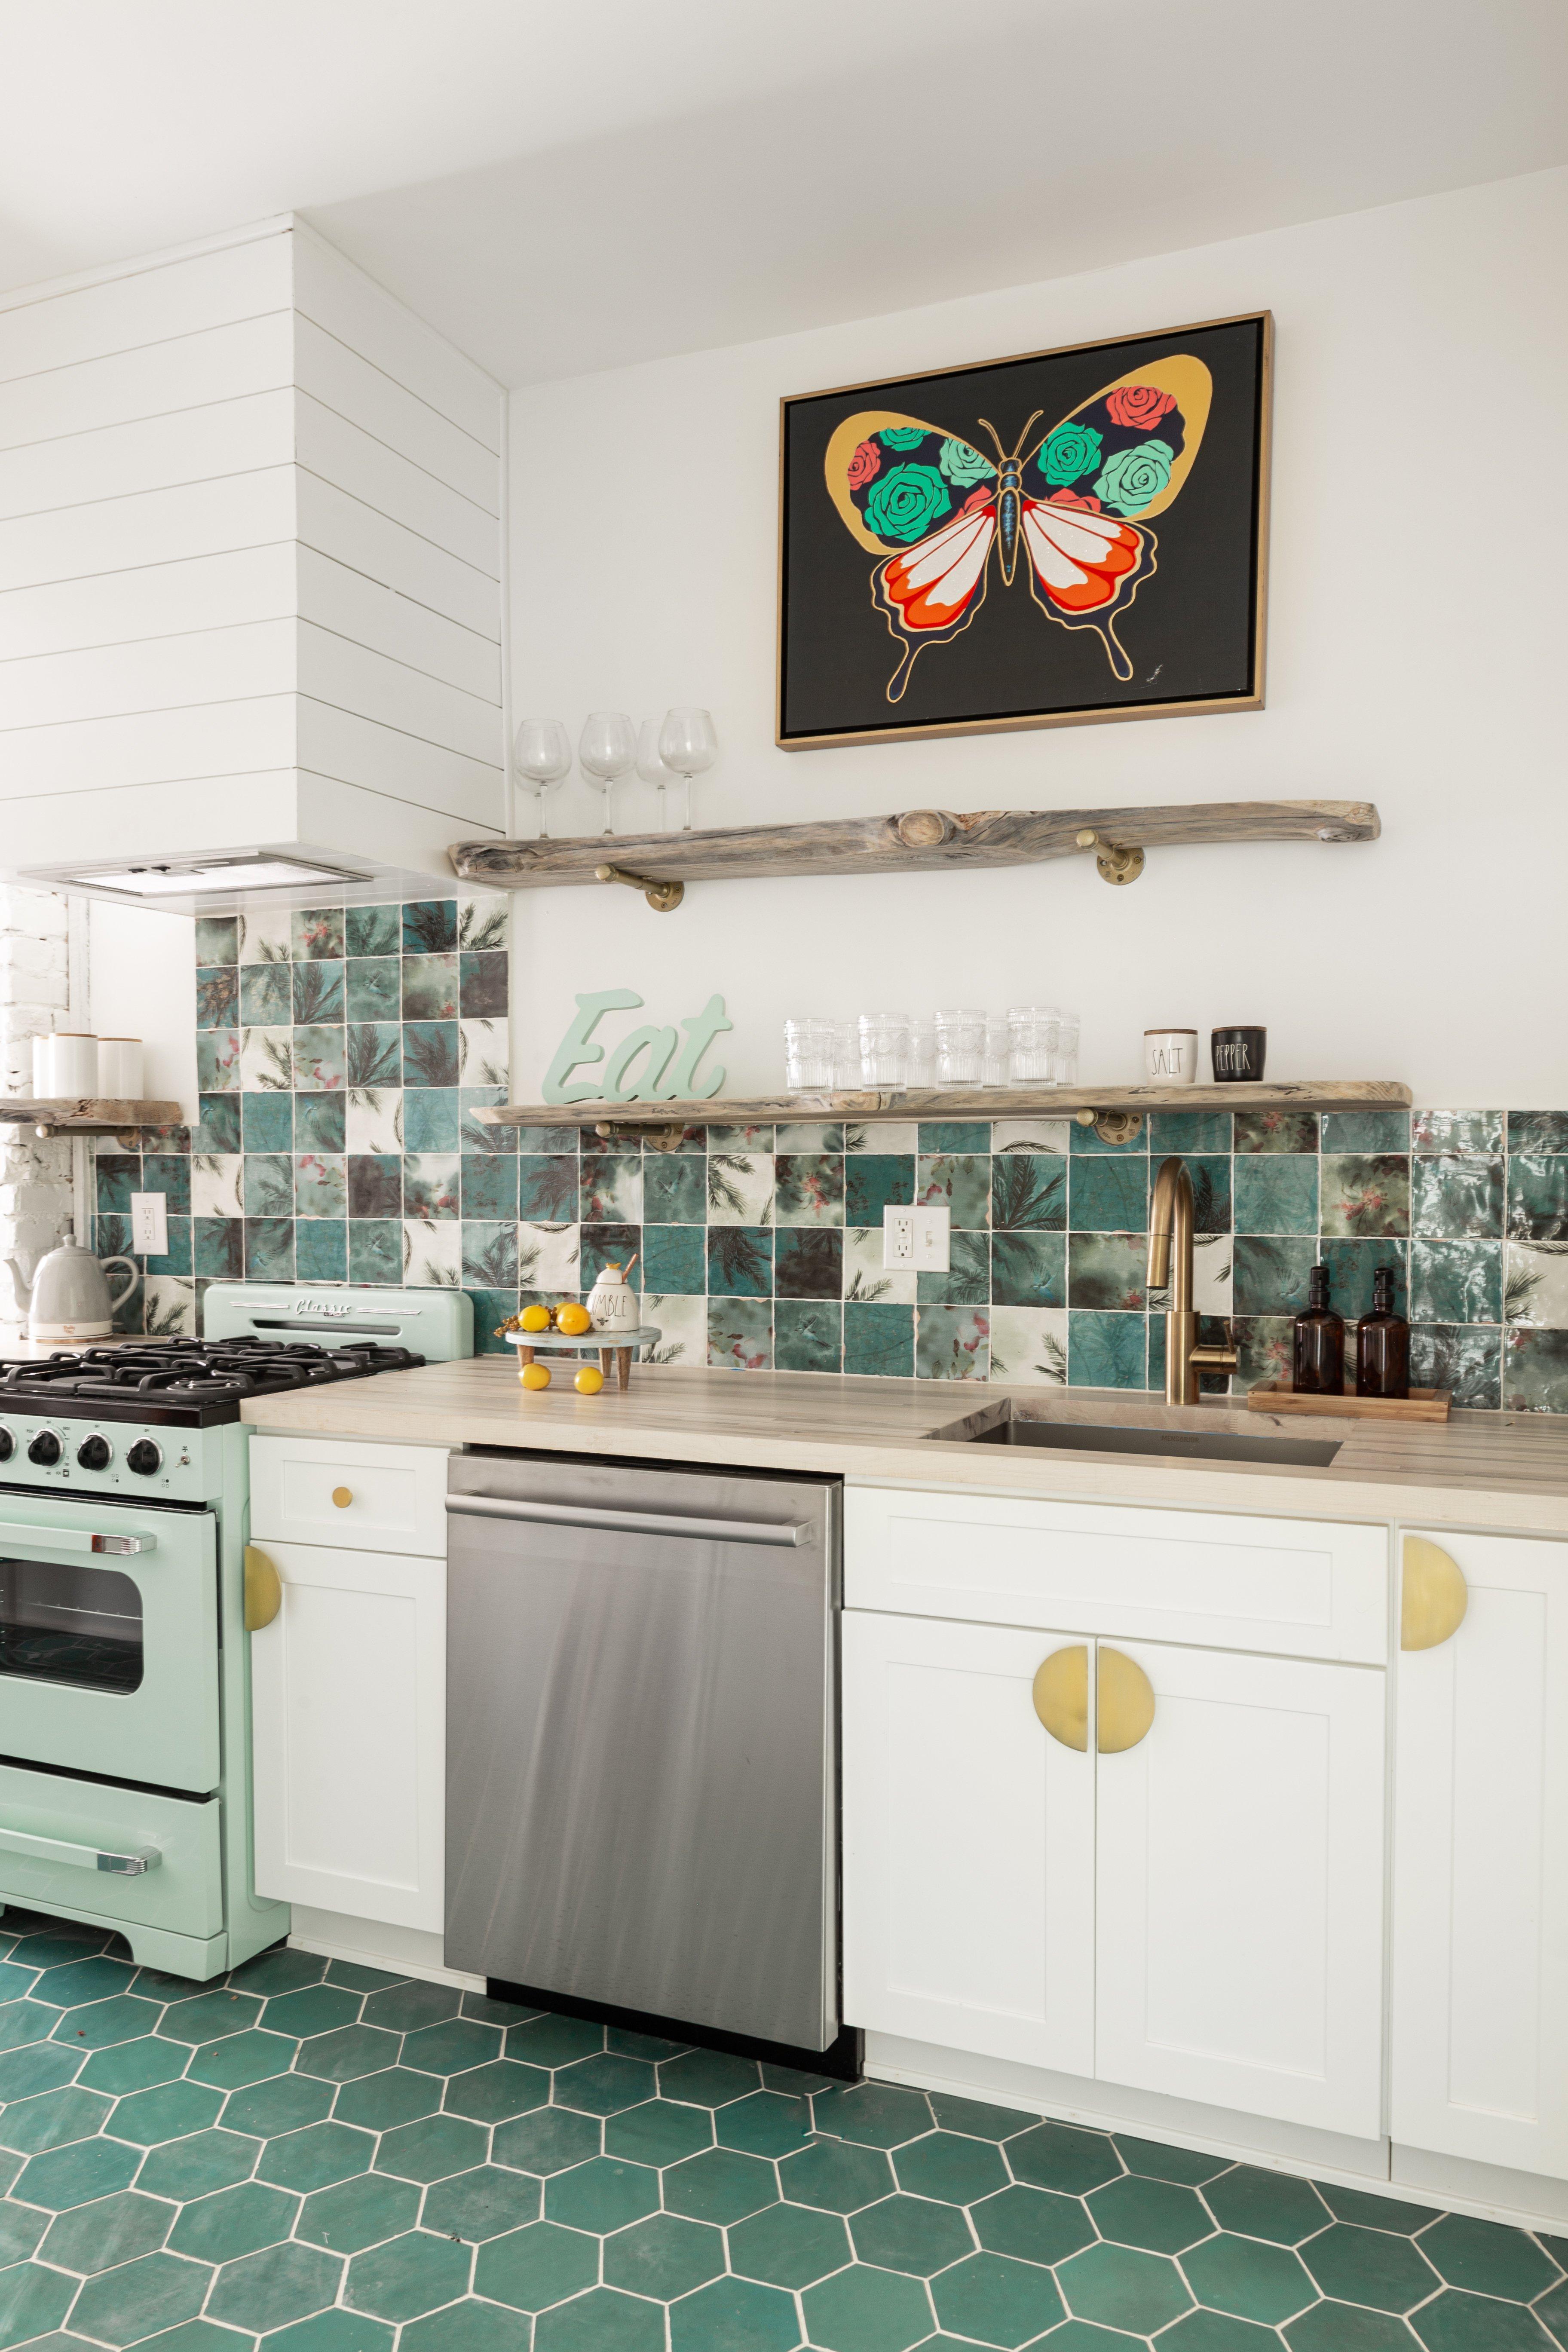 35 kitchen untitledswim-meet-2-145.jpg